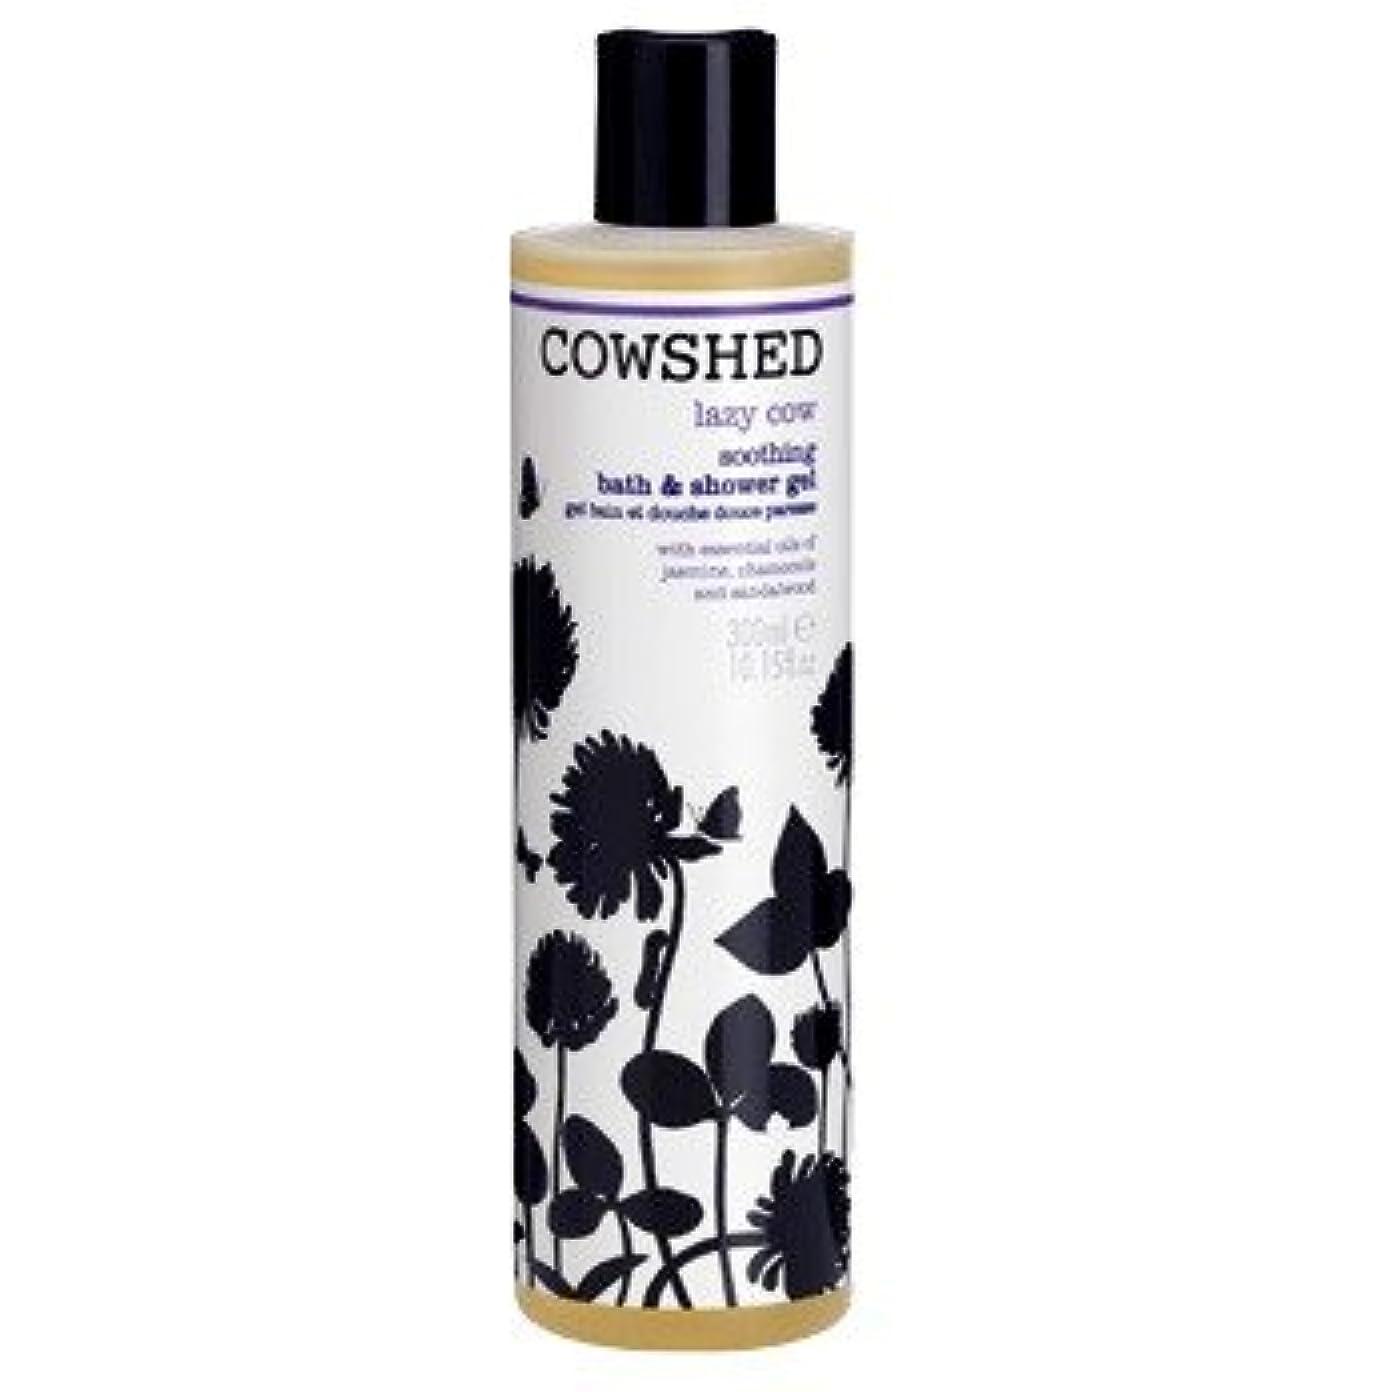 ホステススタッフモバイル牛舎怠惰な牛心地よいバス&シャワージェル300ミリリットル (Cowshed) - Cowshed Lazy Cow Soothing Bath & Shower Gel 300ml [並行輸入品]